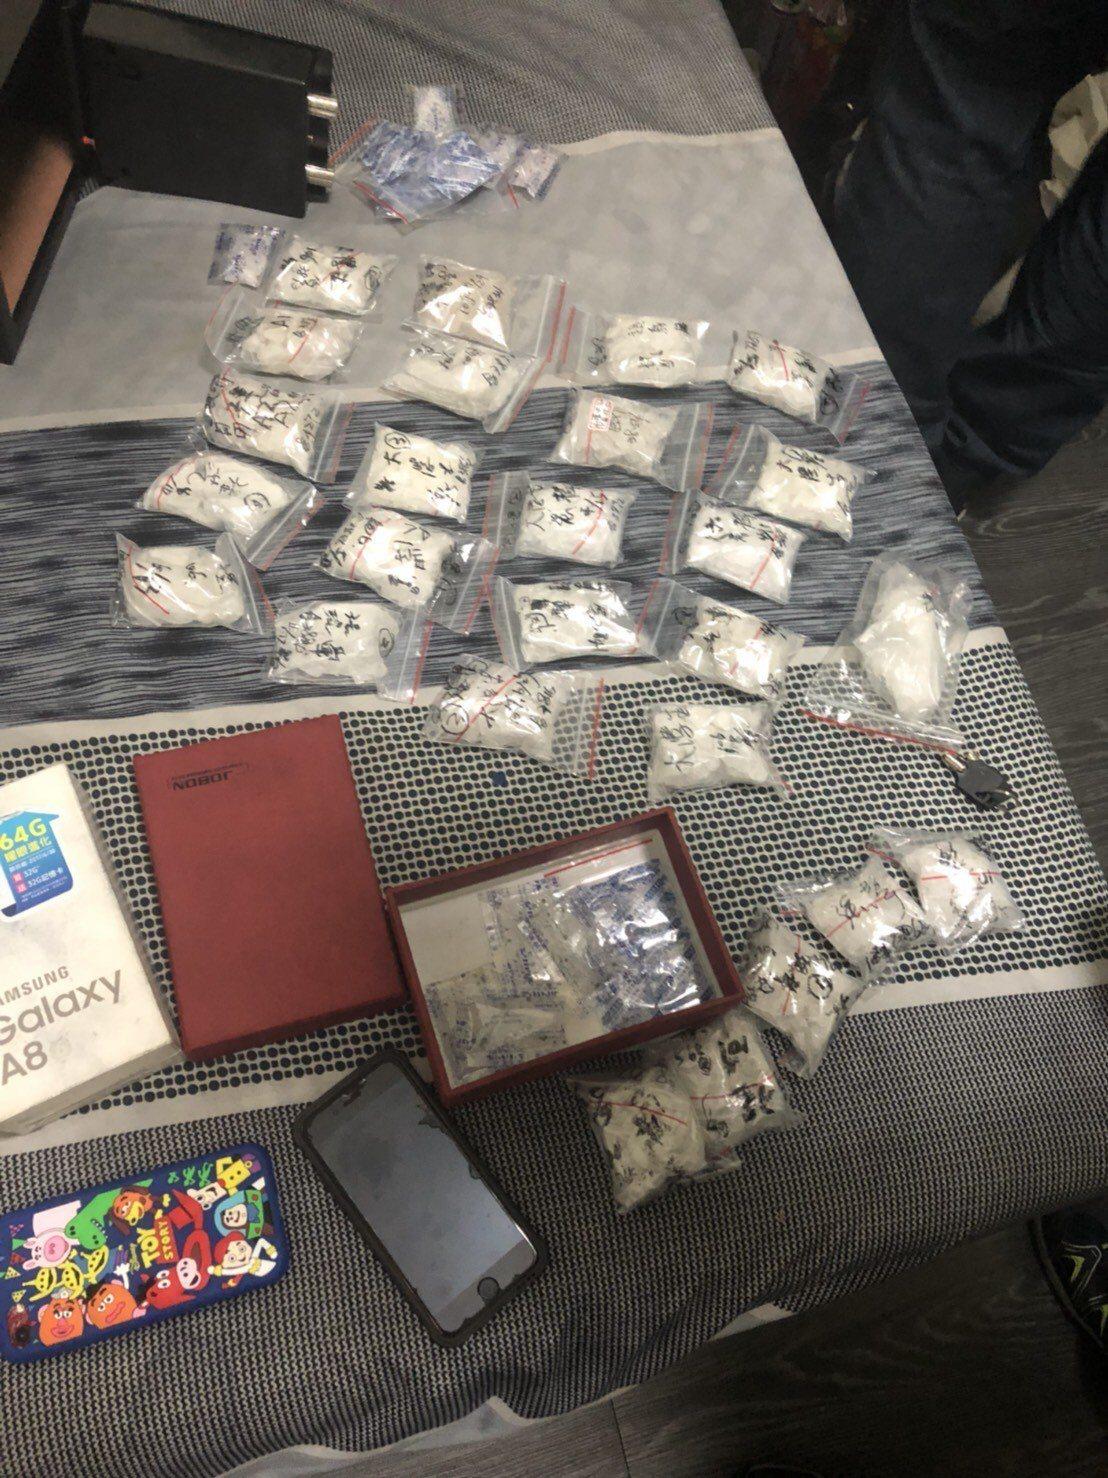 台南警方「安居專案」爭取到警民合作機會, 市刑大起出超過1公斤毒品與涉販毒藥頭建...